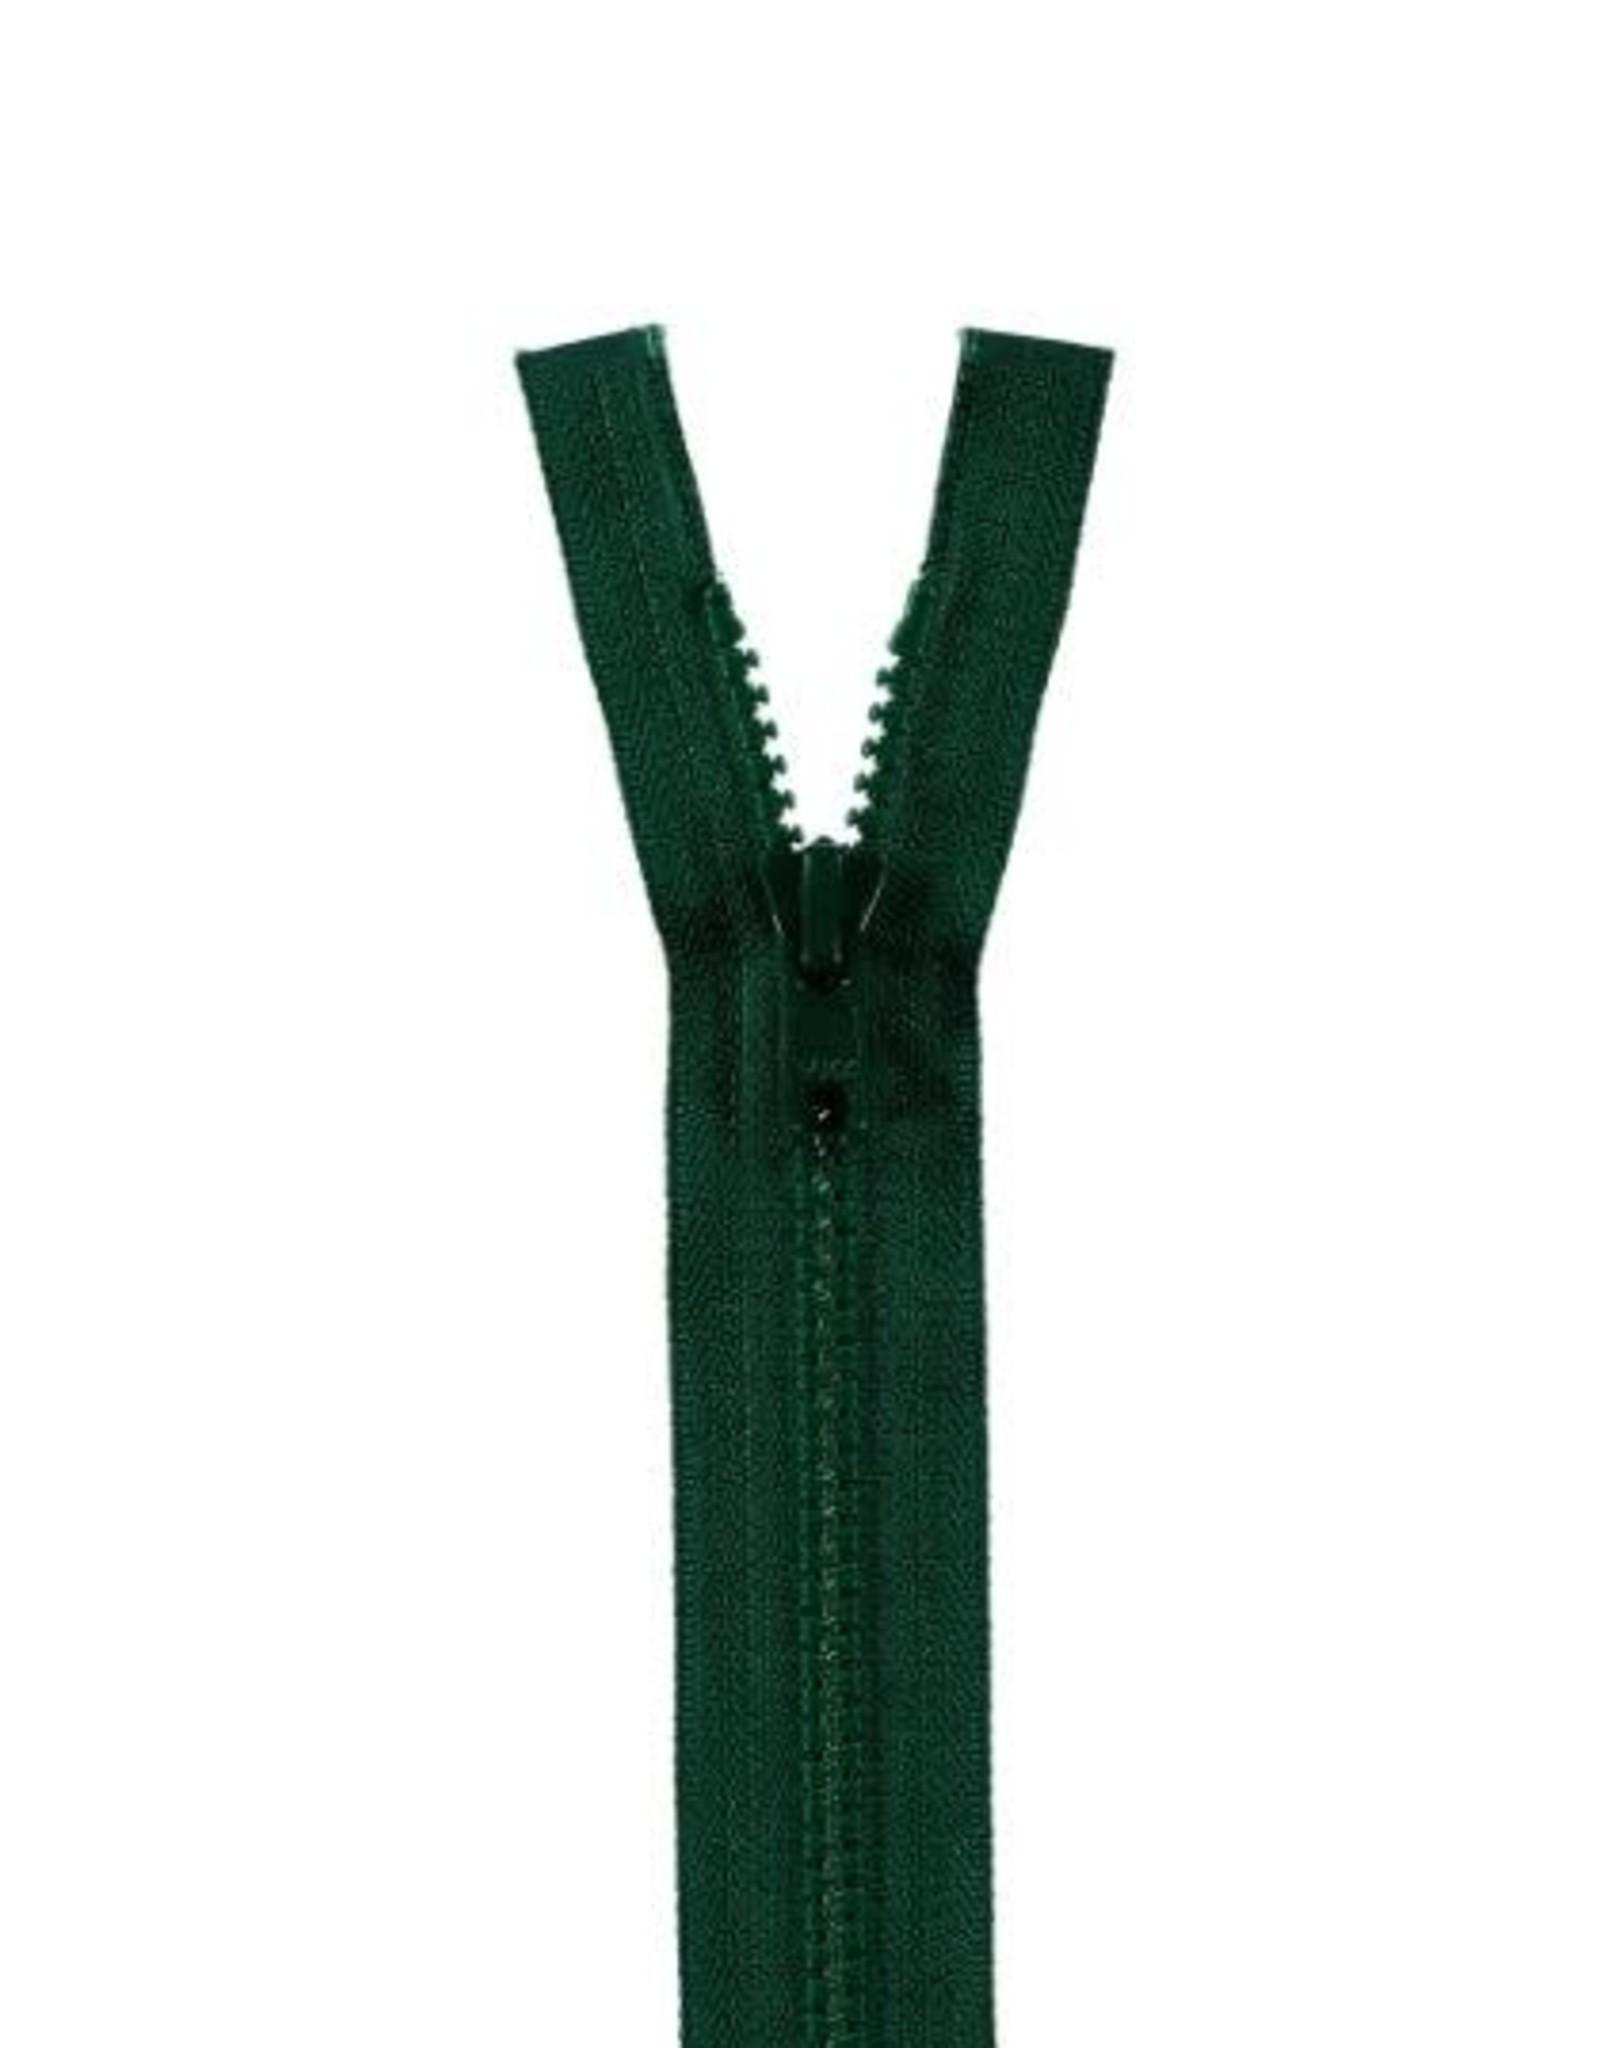 YKK BLOKRITS 5 DEELBAAR d. groen 890-55cm